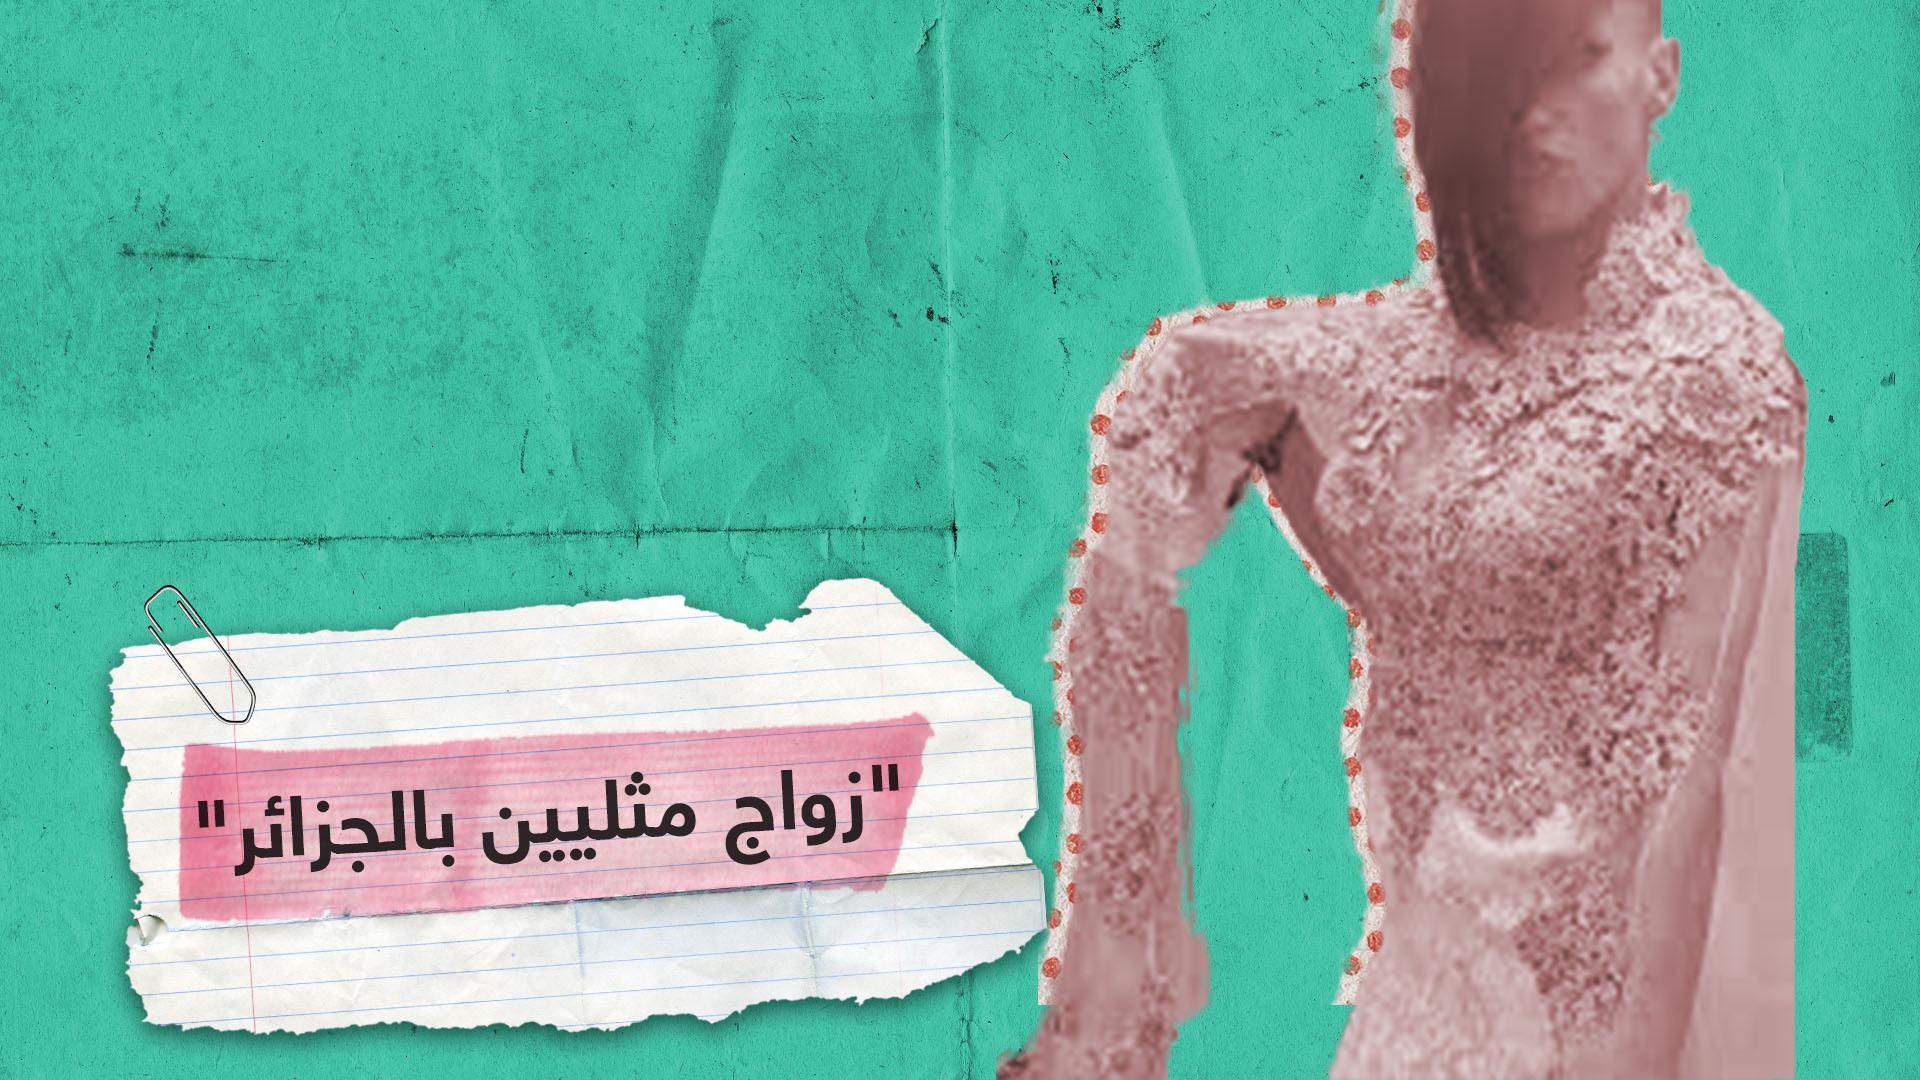 زواج مثليين يثير غضبا في الجزائر